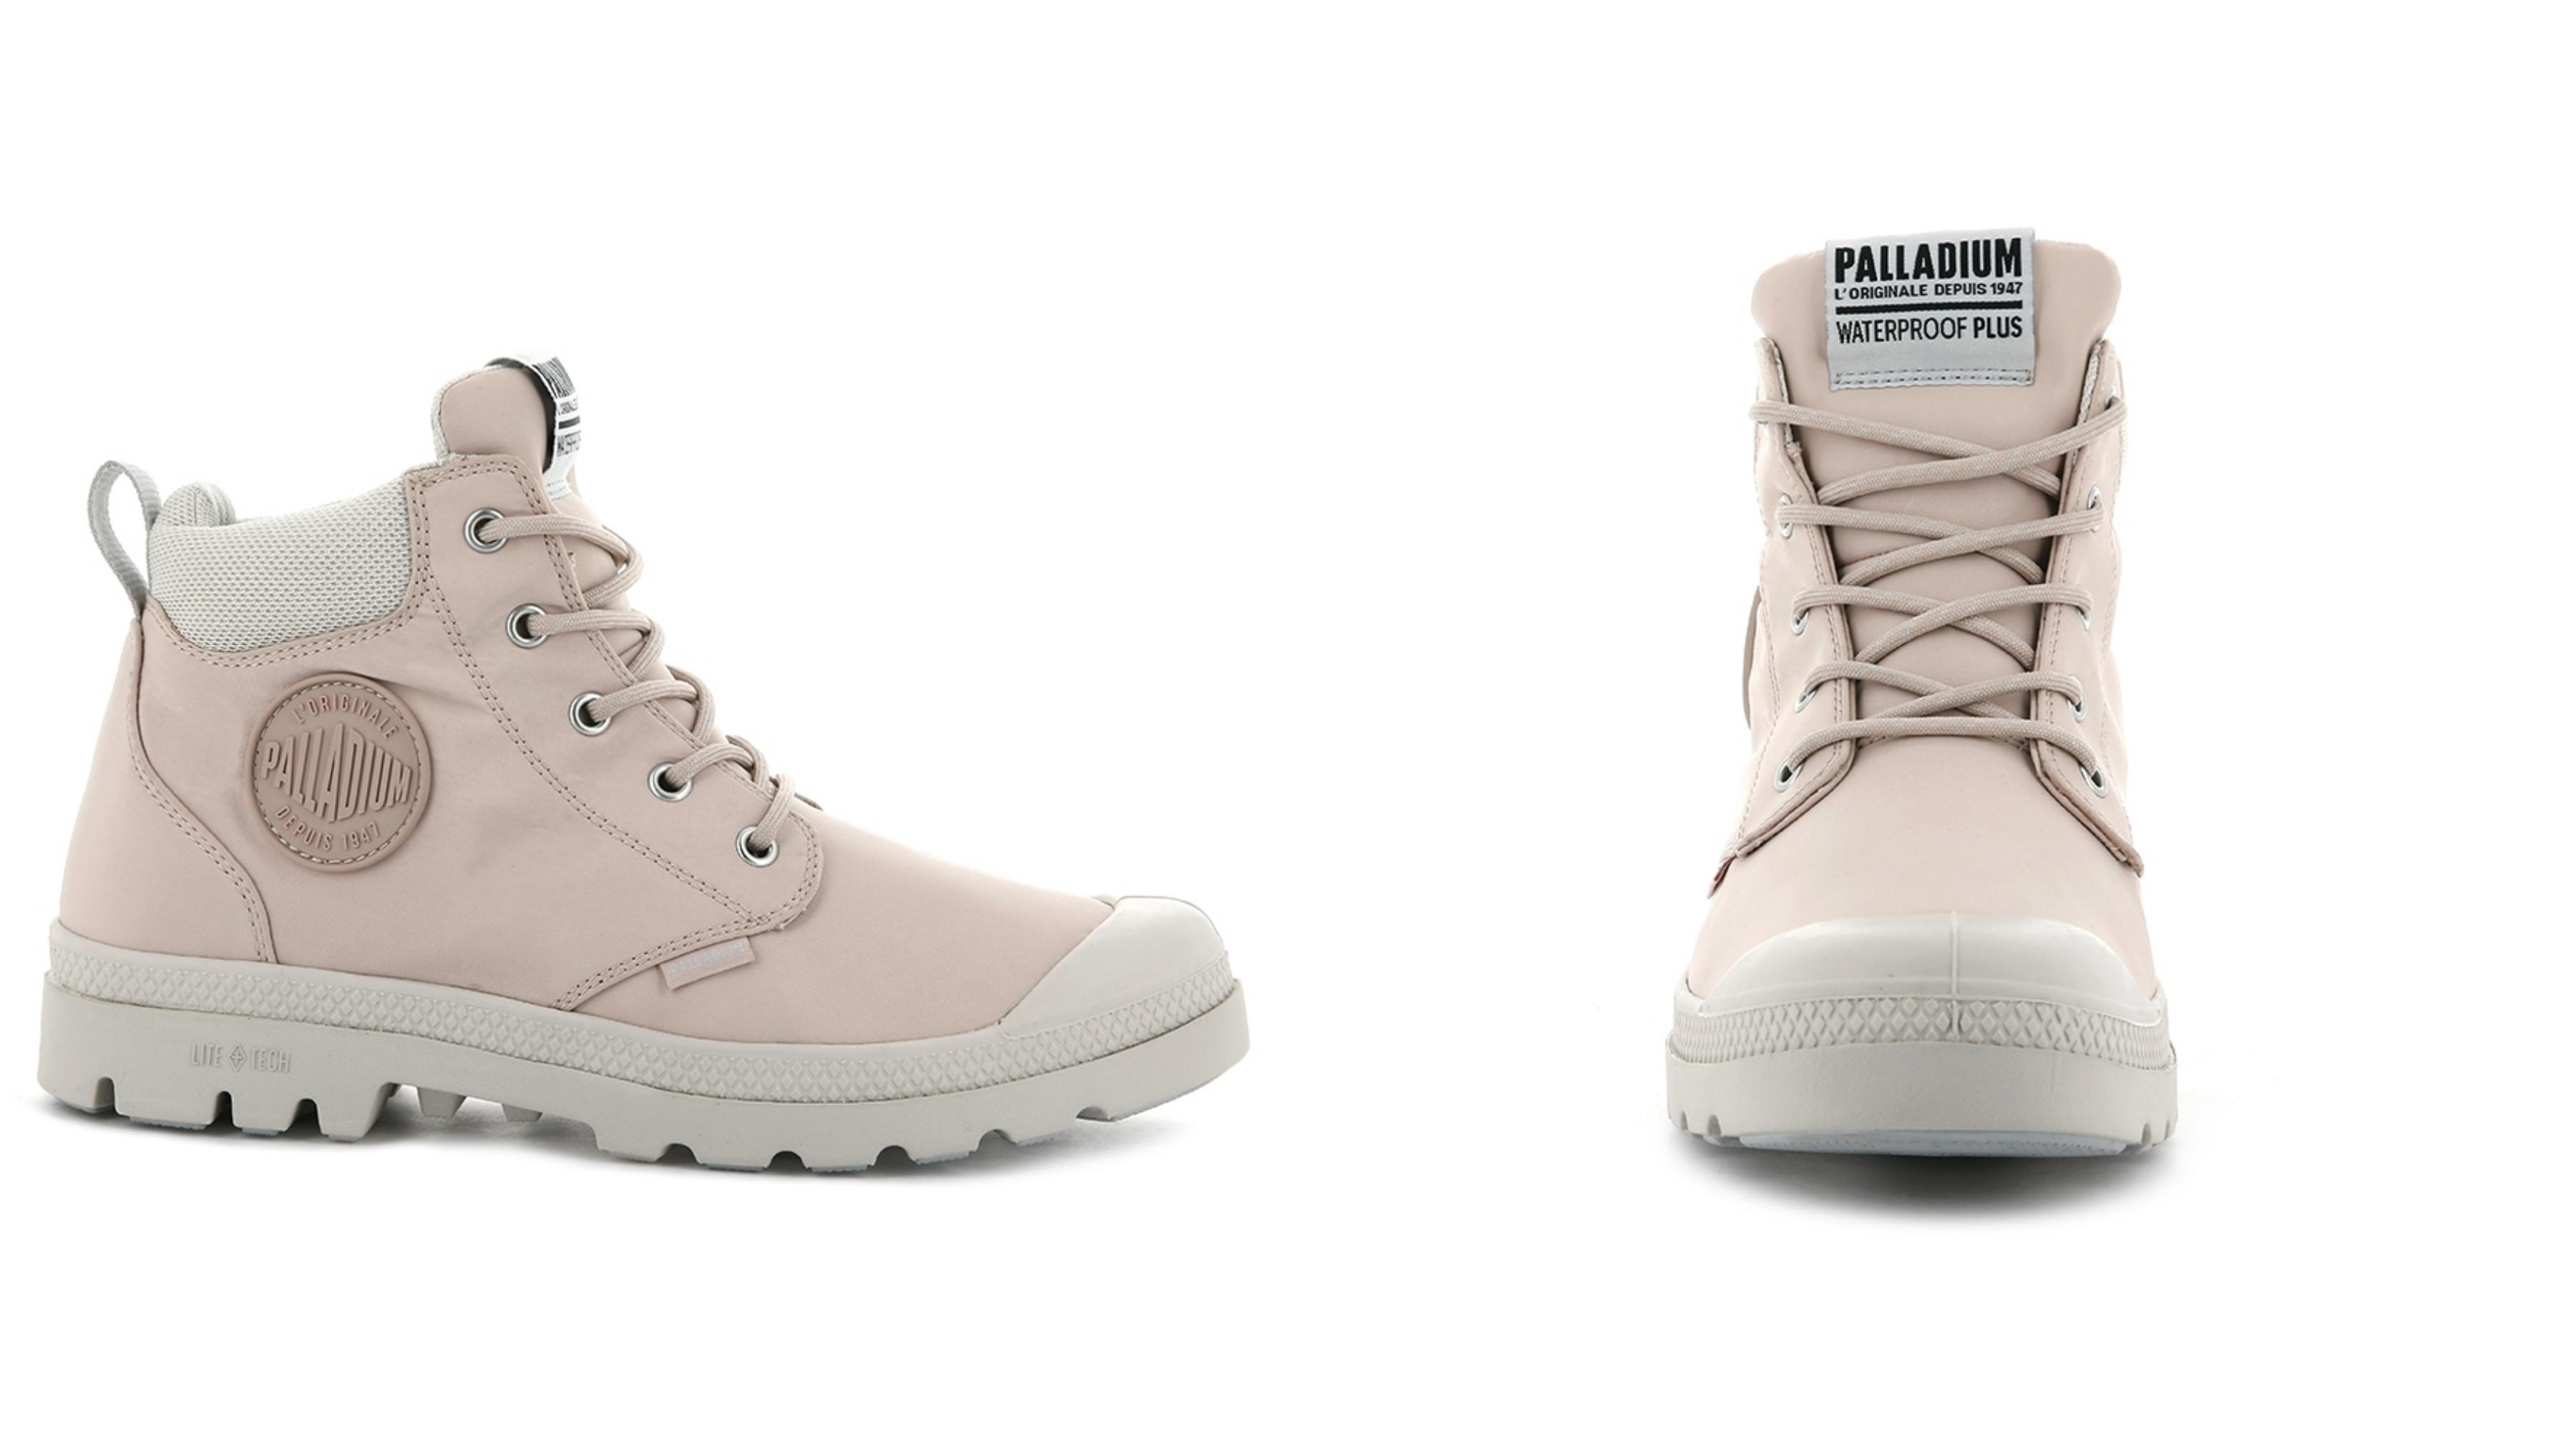 擁有防水的絕佳效能,時髦又休閒的鞋款設計